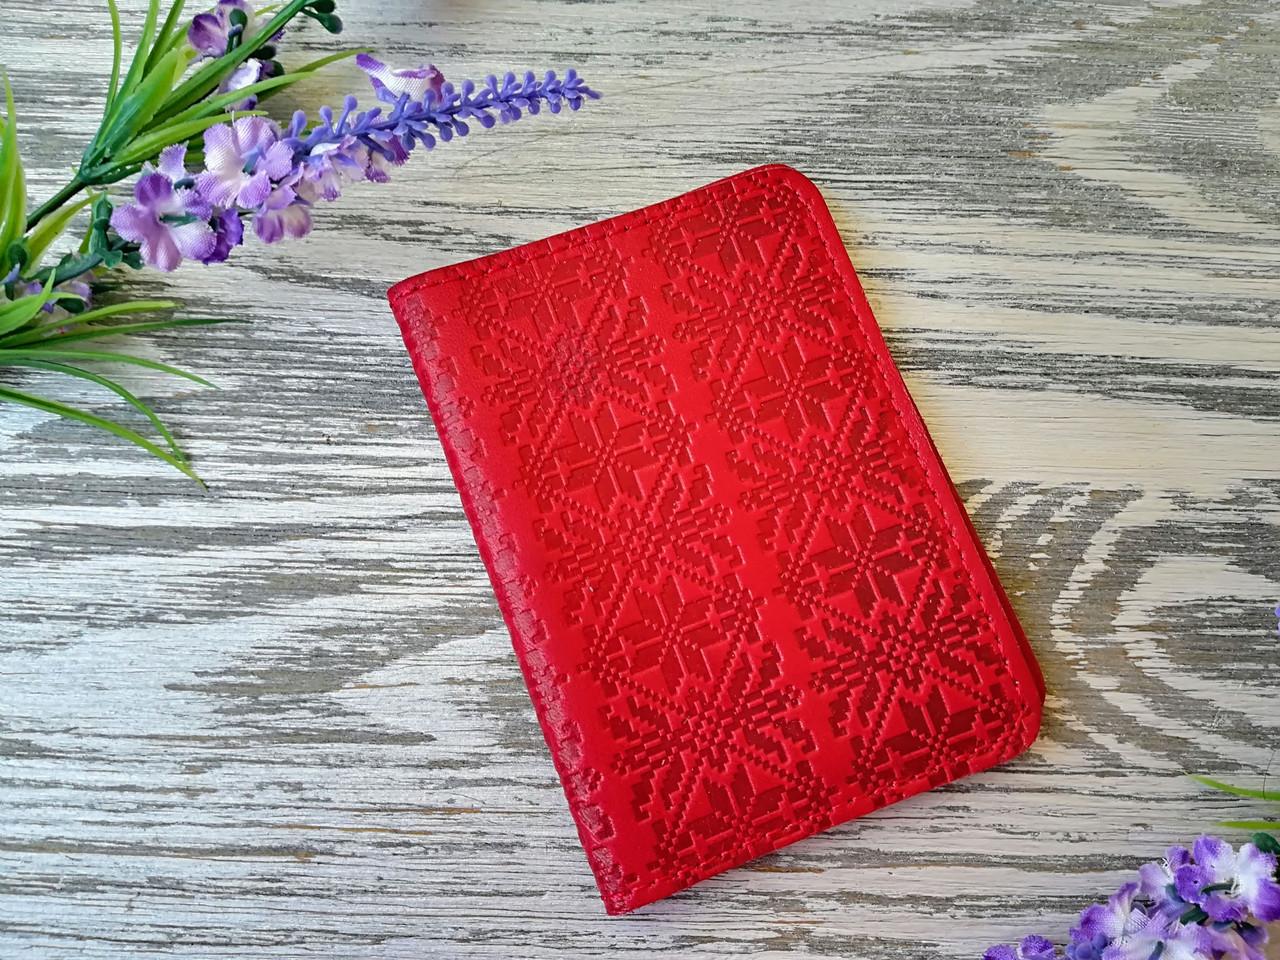 Обкладинка на права міні і id паспорт червона вишиванка суцільна